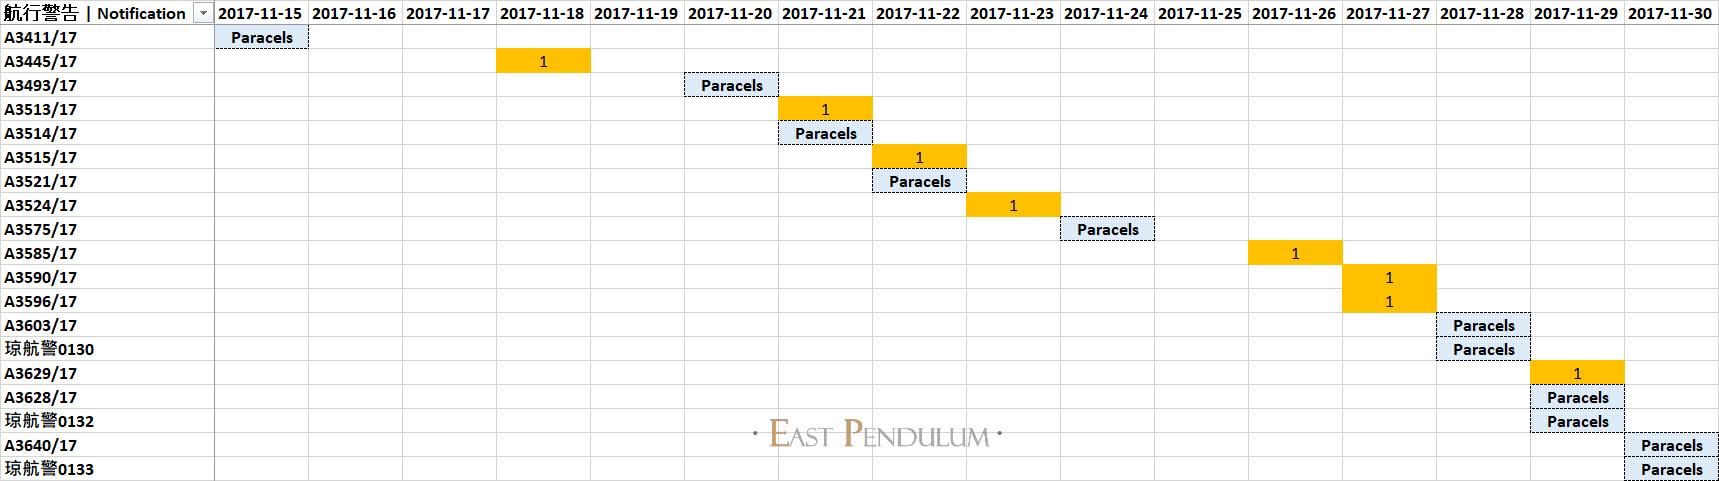 Paracels